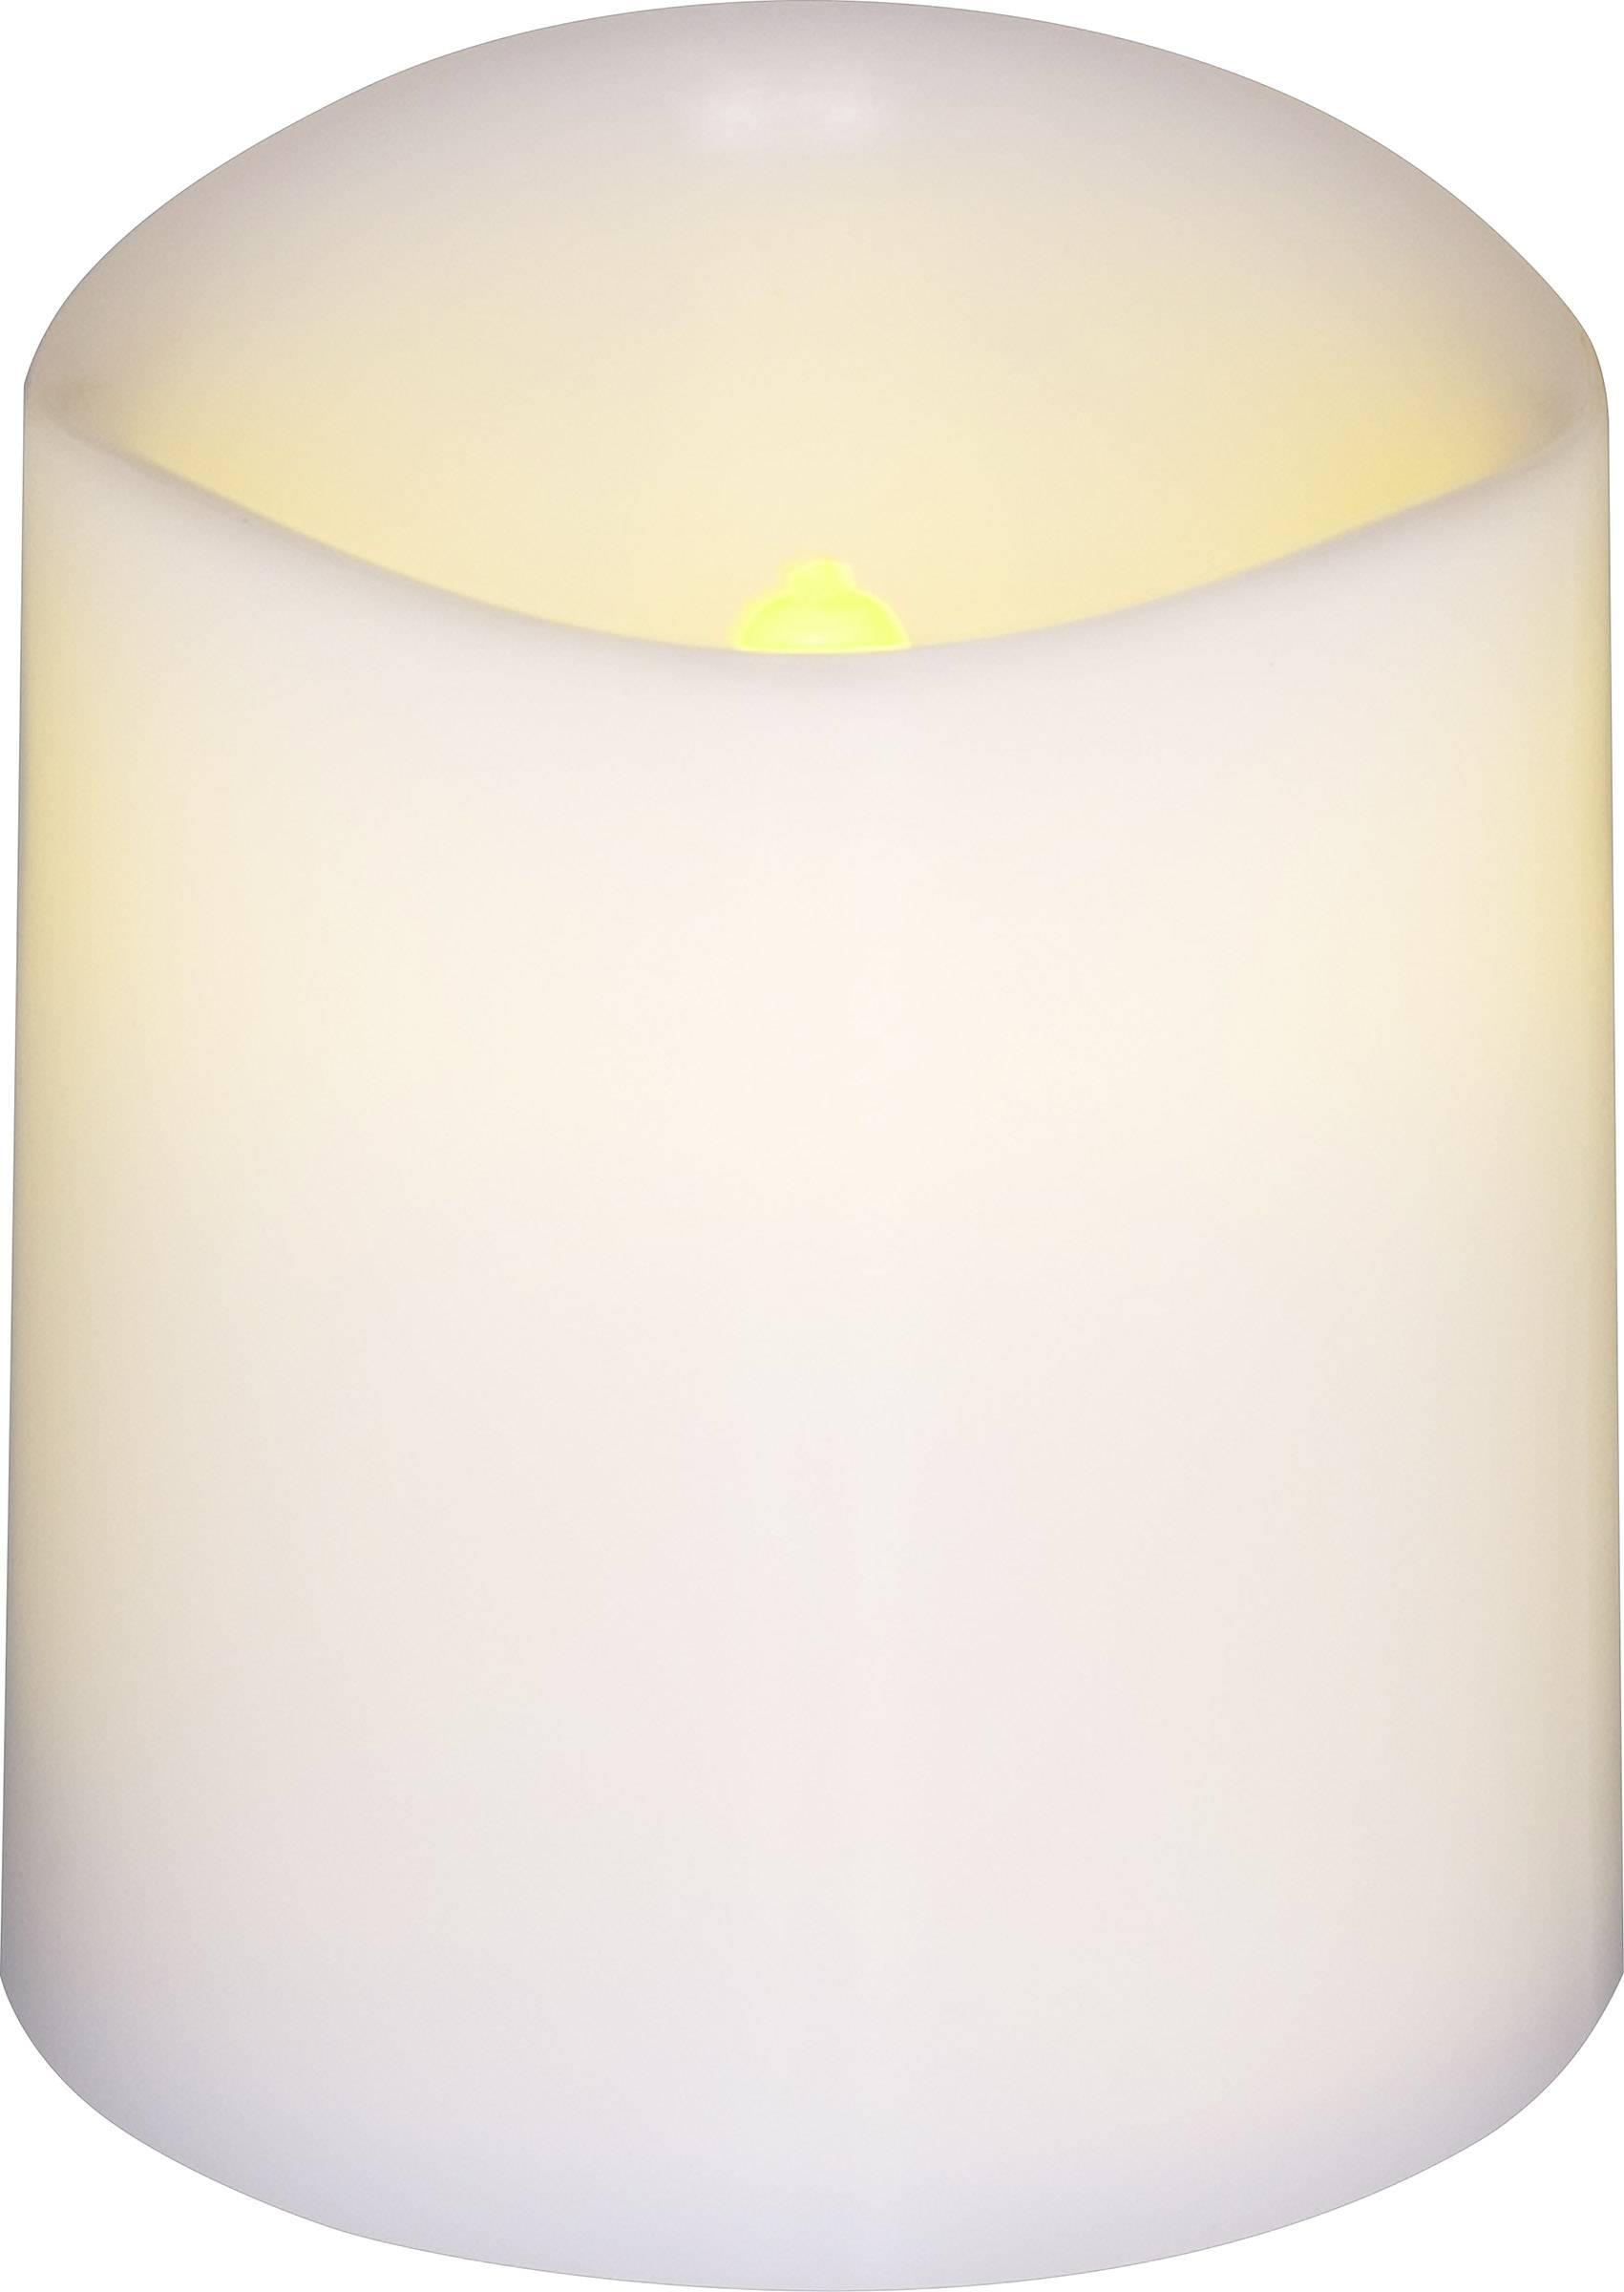 LED vosková svíčka Polarlite LBA-30-005, (š x v) 3.8 cm x 4.2 cm bílá, jantarová sada 4 ks